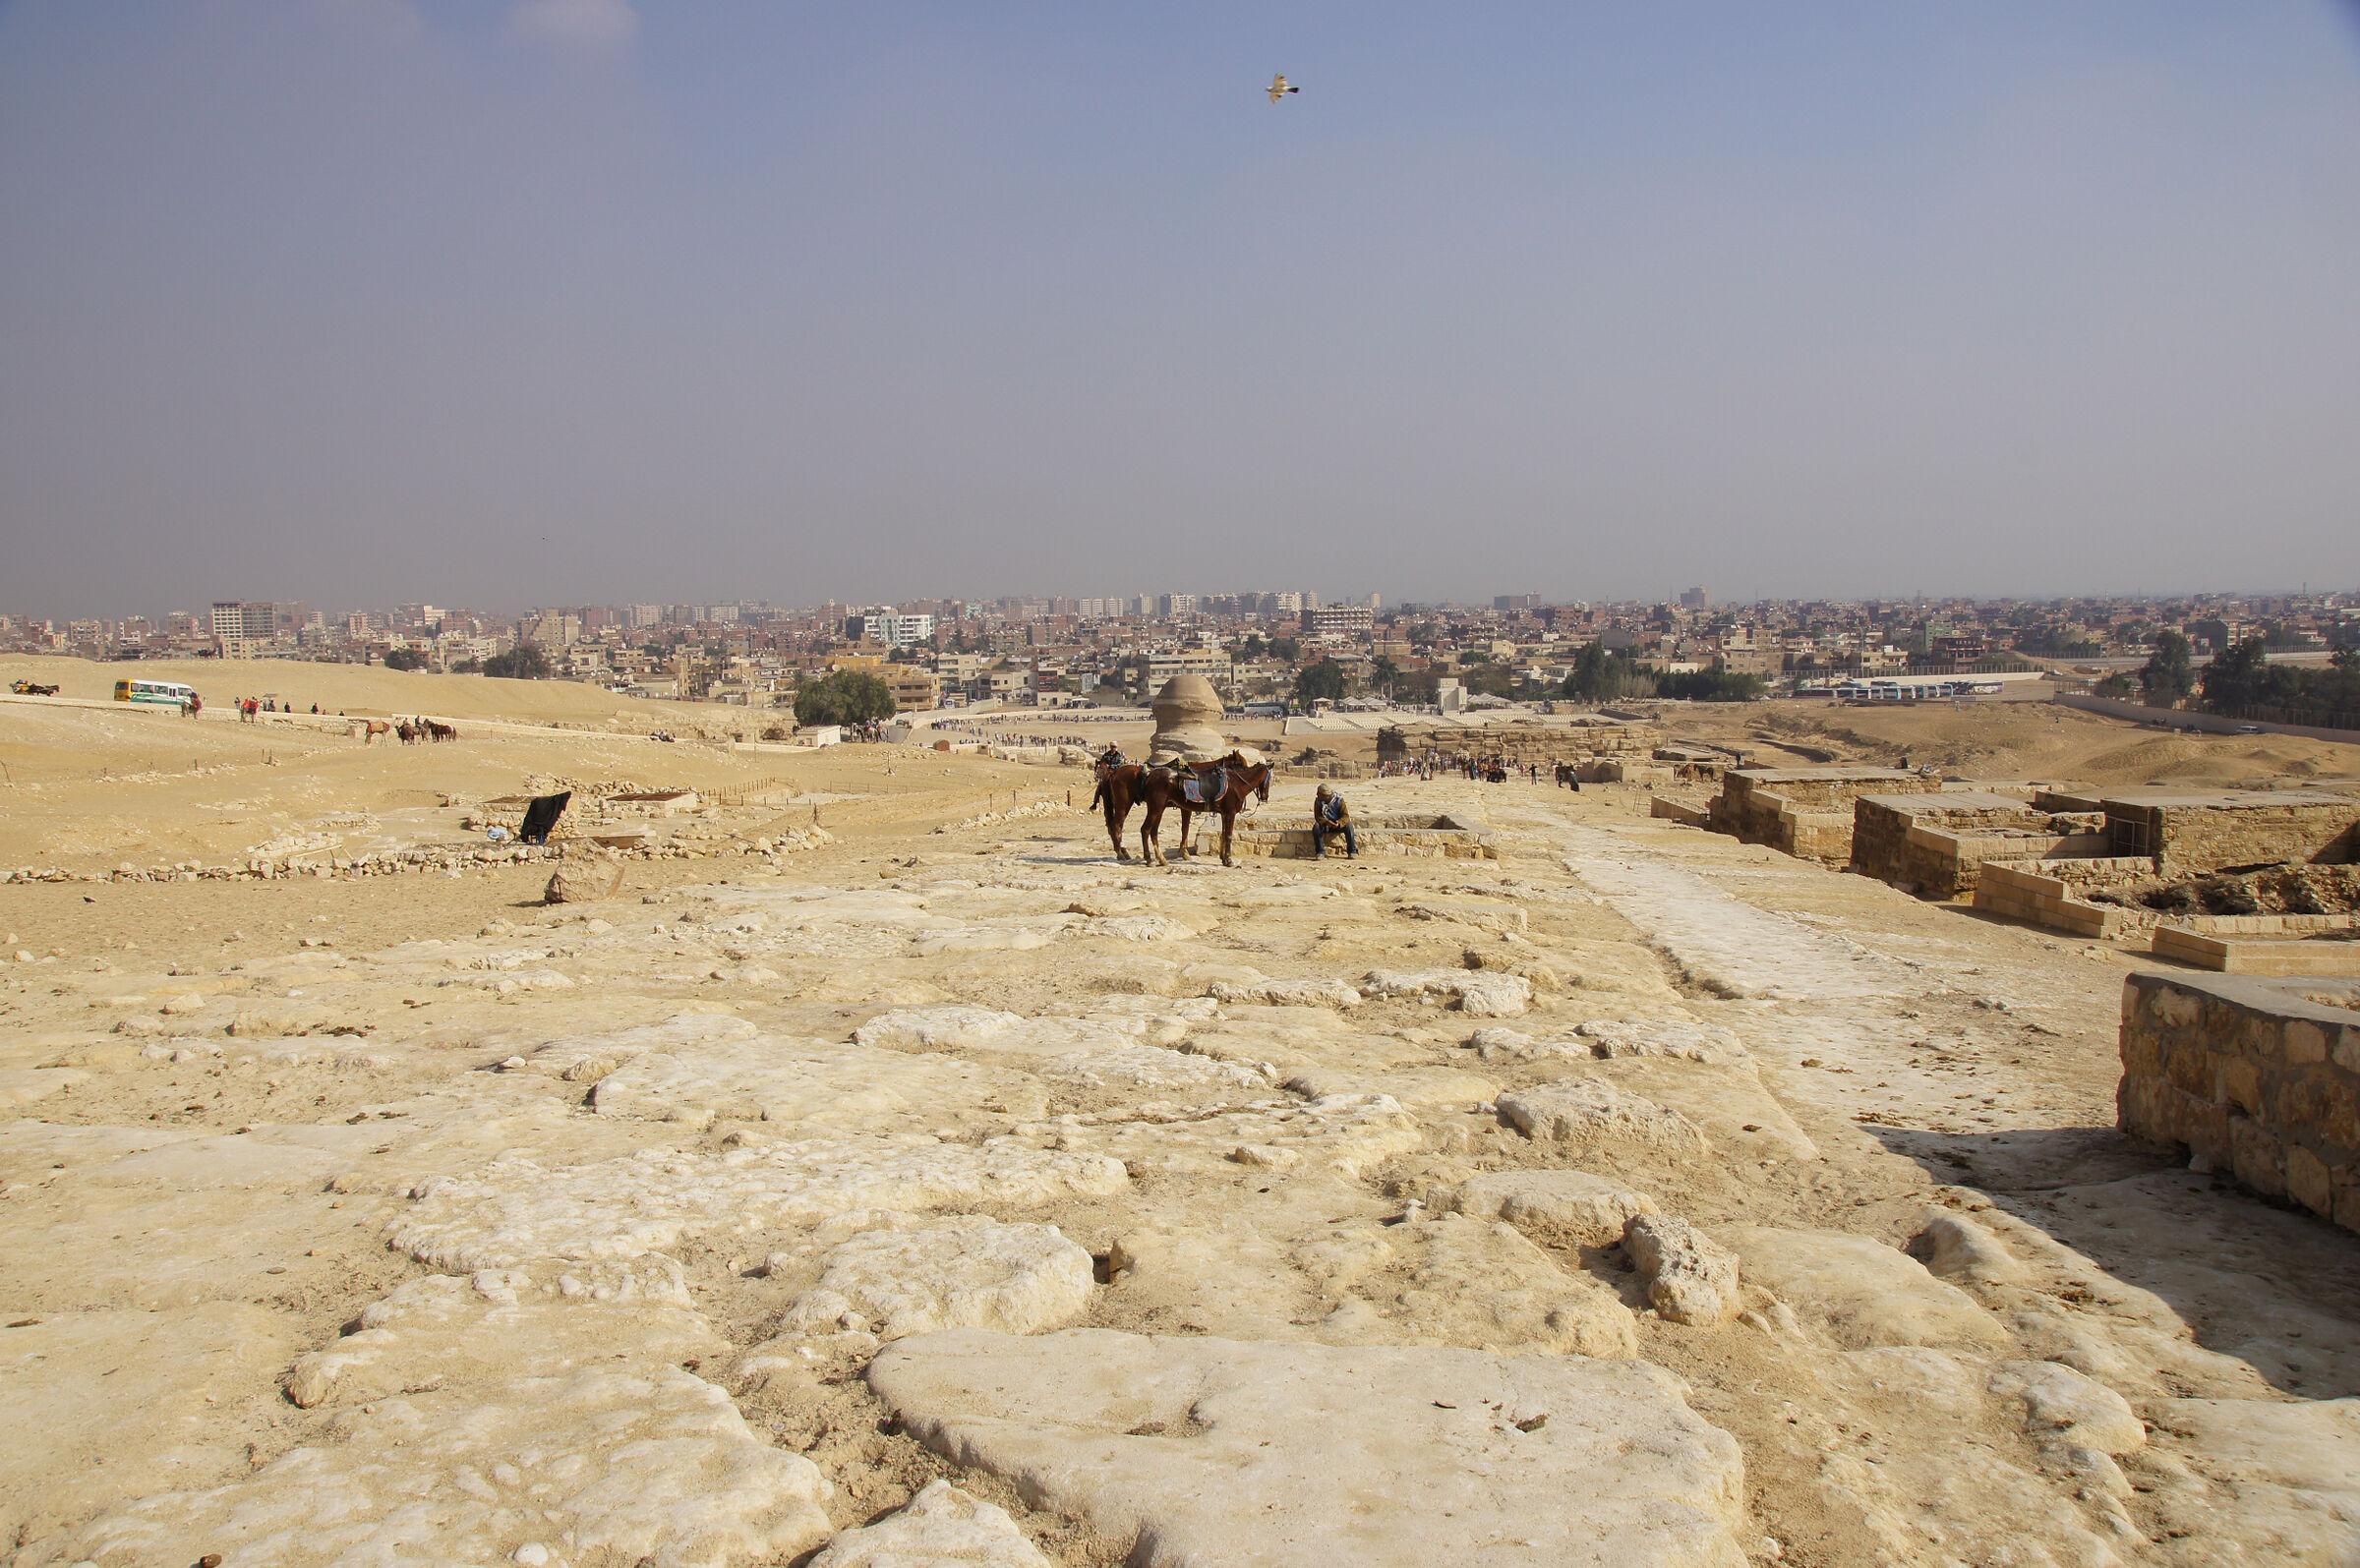 Khafre Pyramid Complex: Site: Giza; View: Khafre Causeway, G 8504, G 8522, G 8532